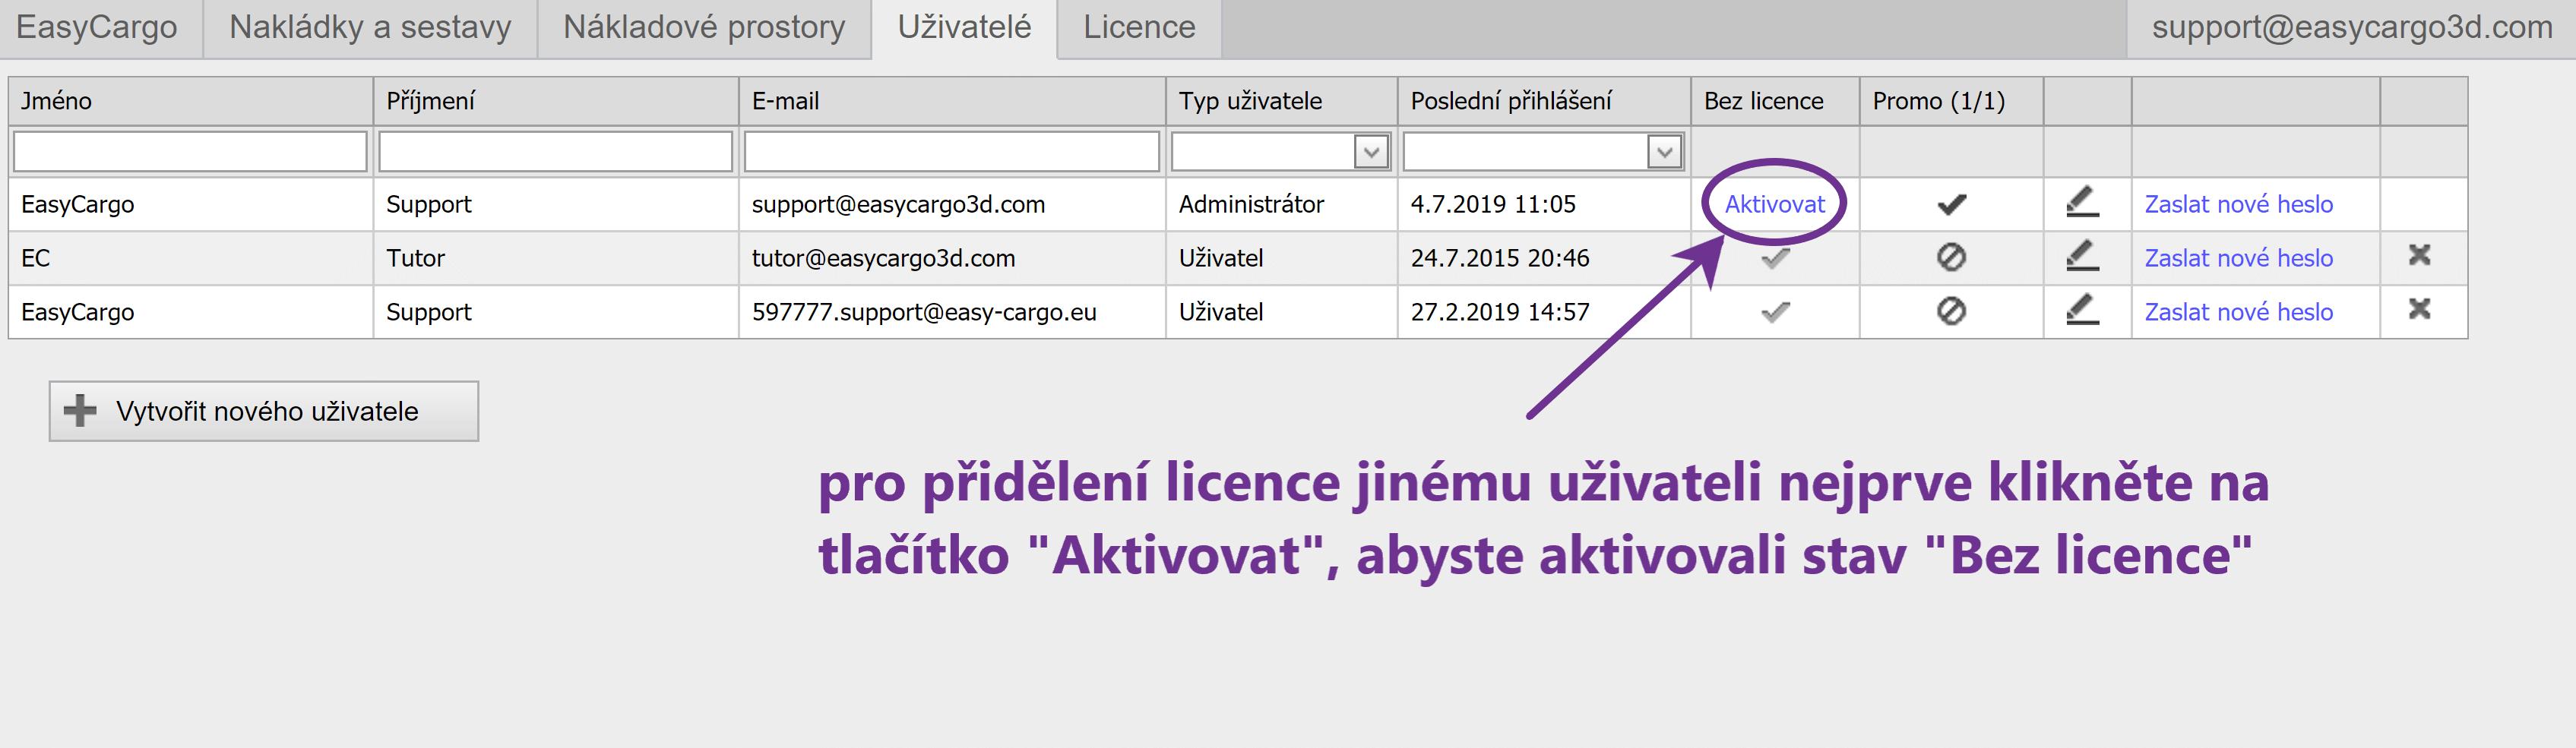 Jak přiřadit licenci jinému uživateli - krok 3